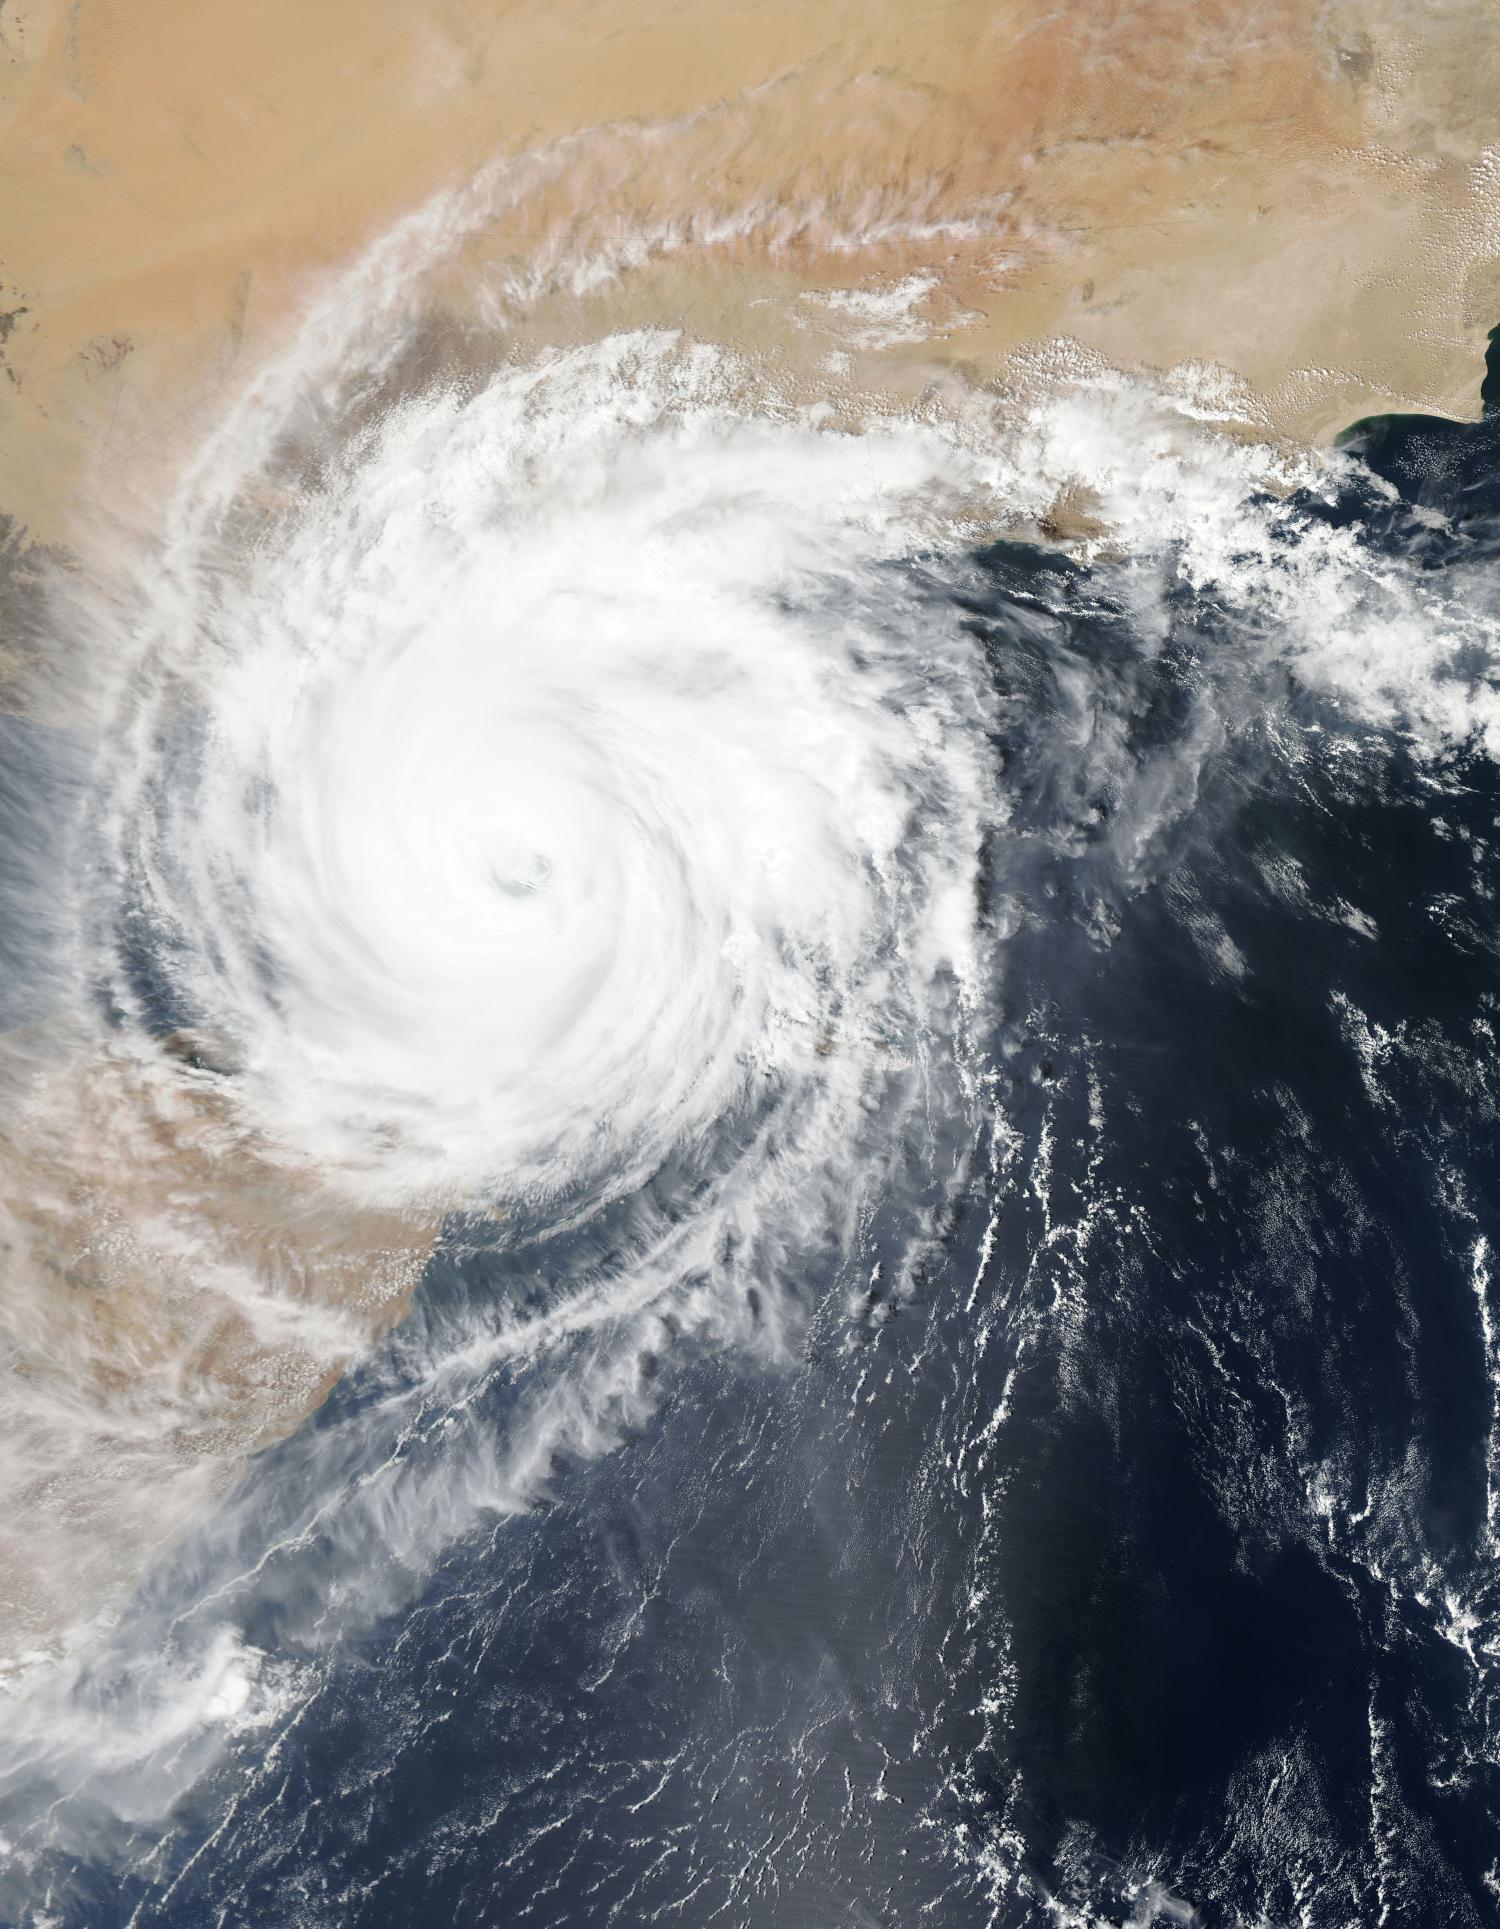 La temporada de huracanes durante la pandemia por COVID-19